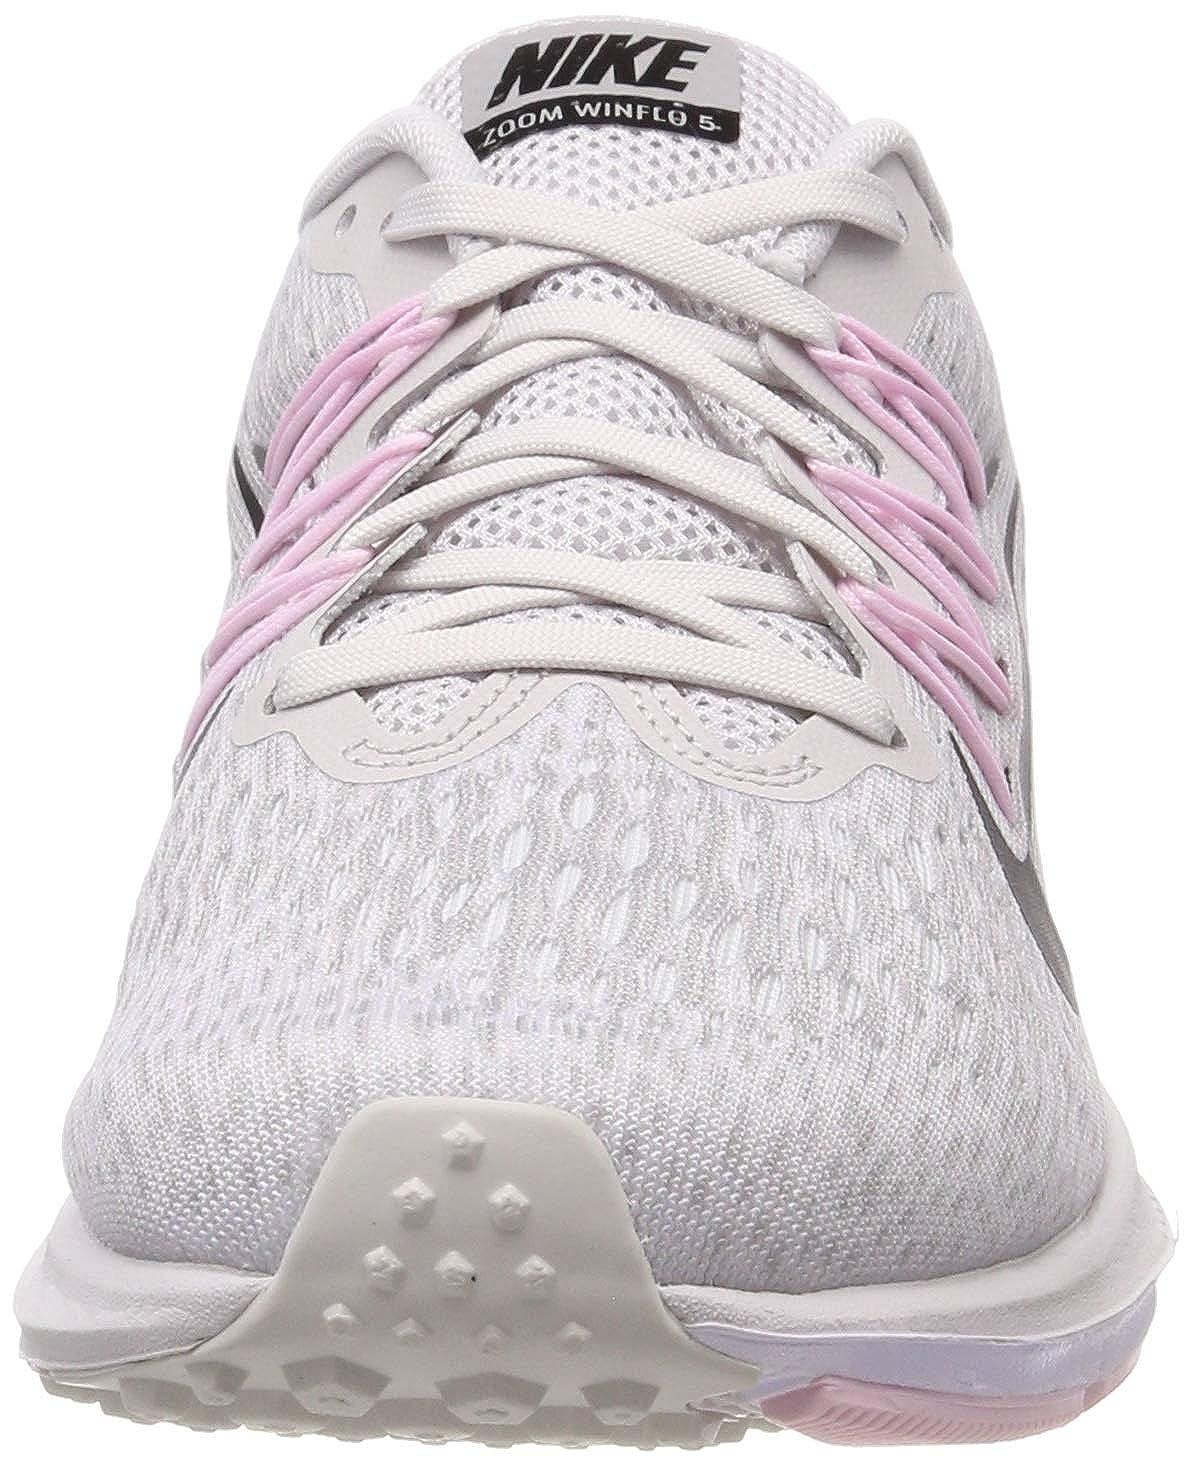 Buy Nike Womens Zoom Winflo 5 Running